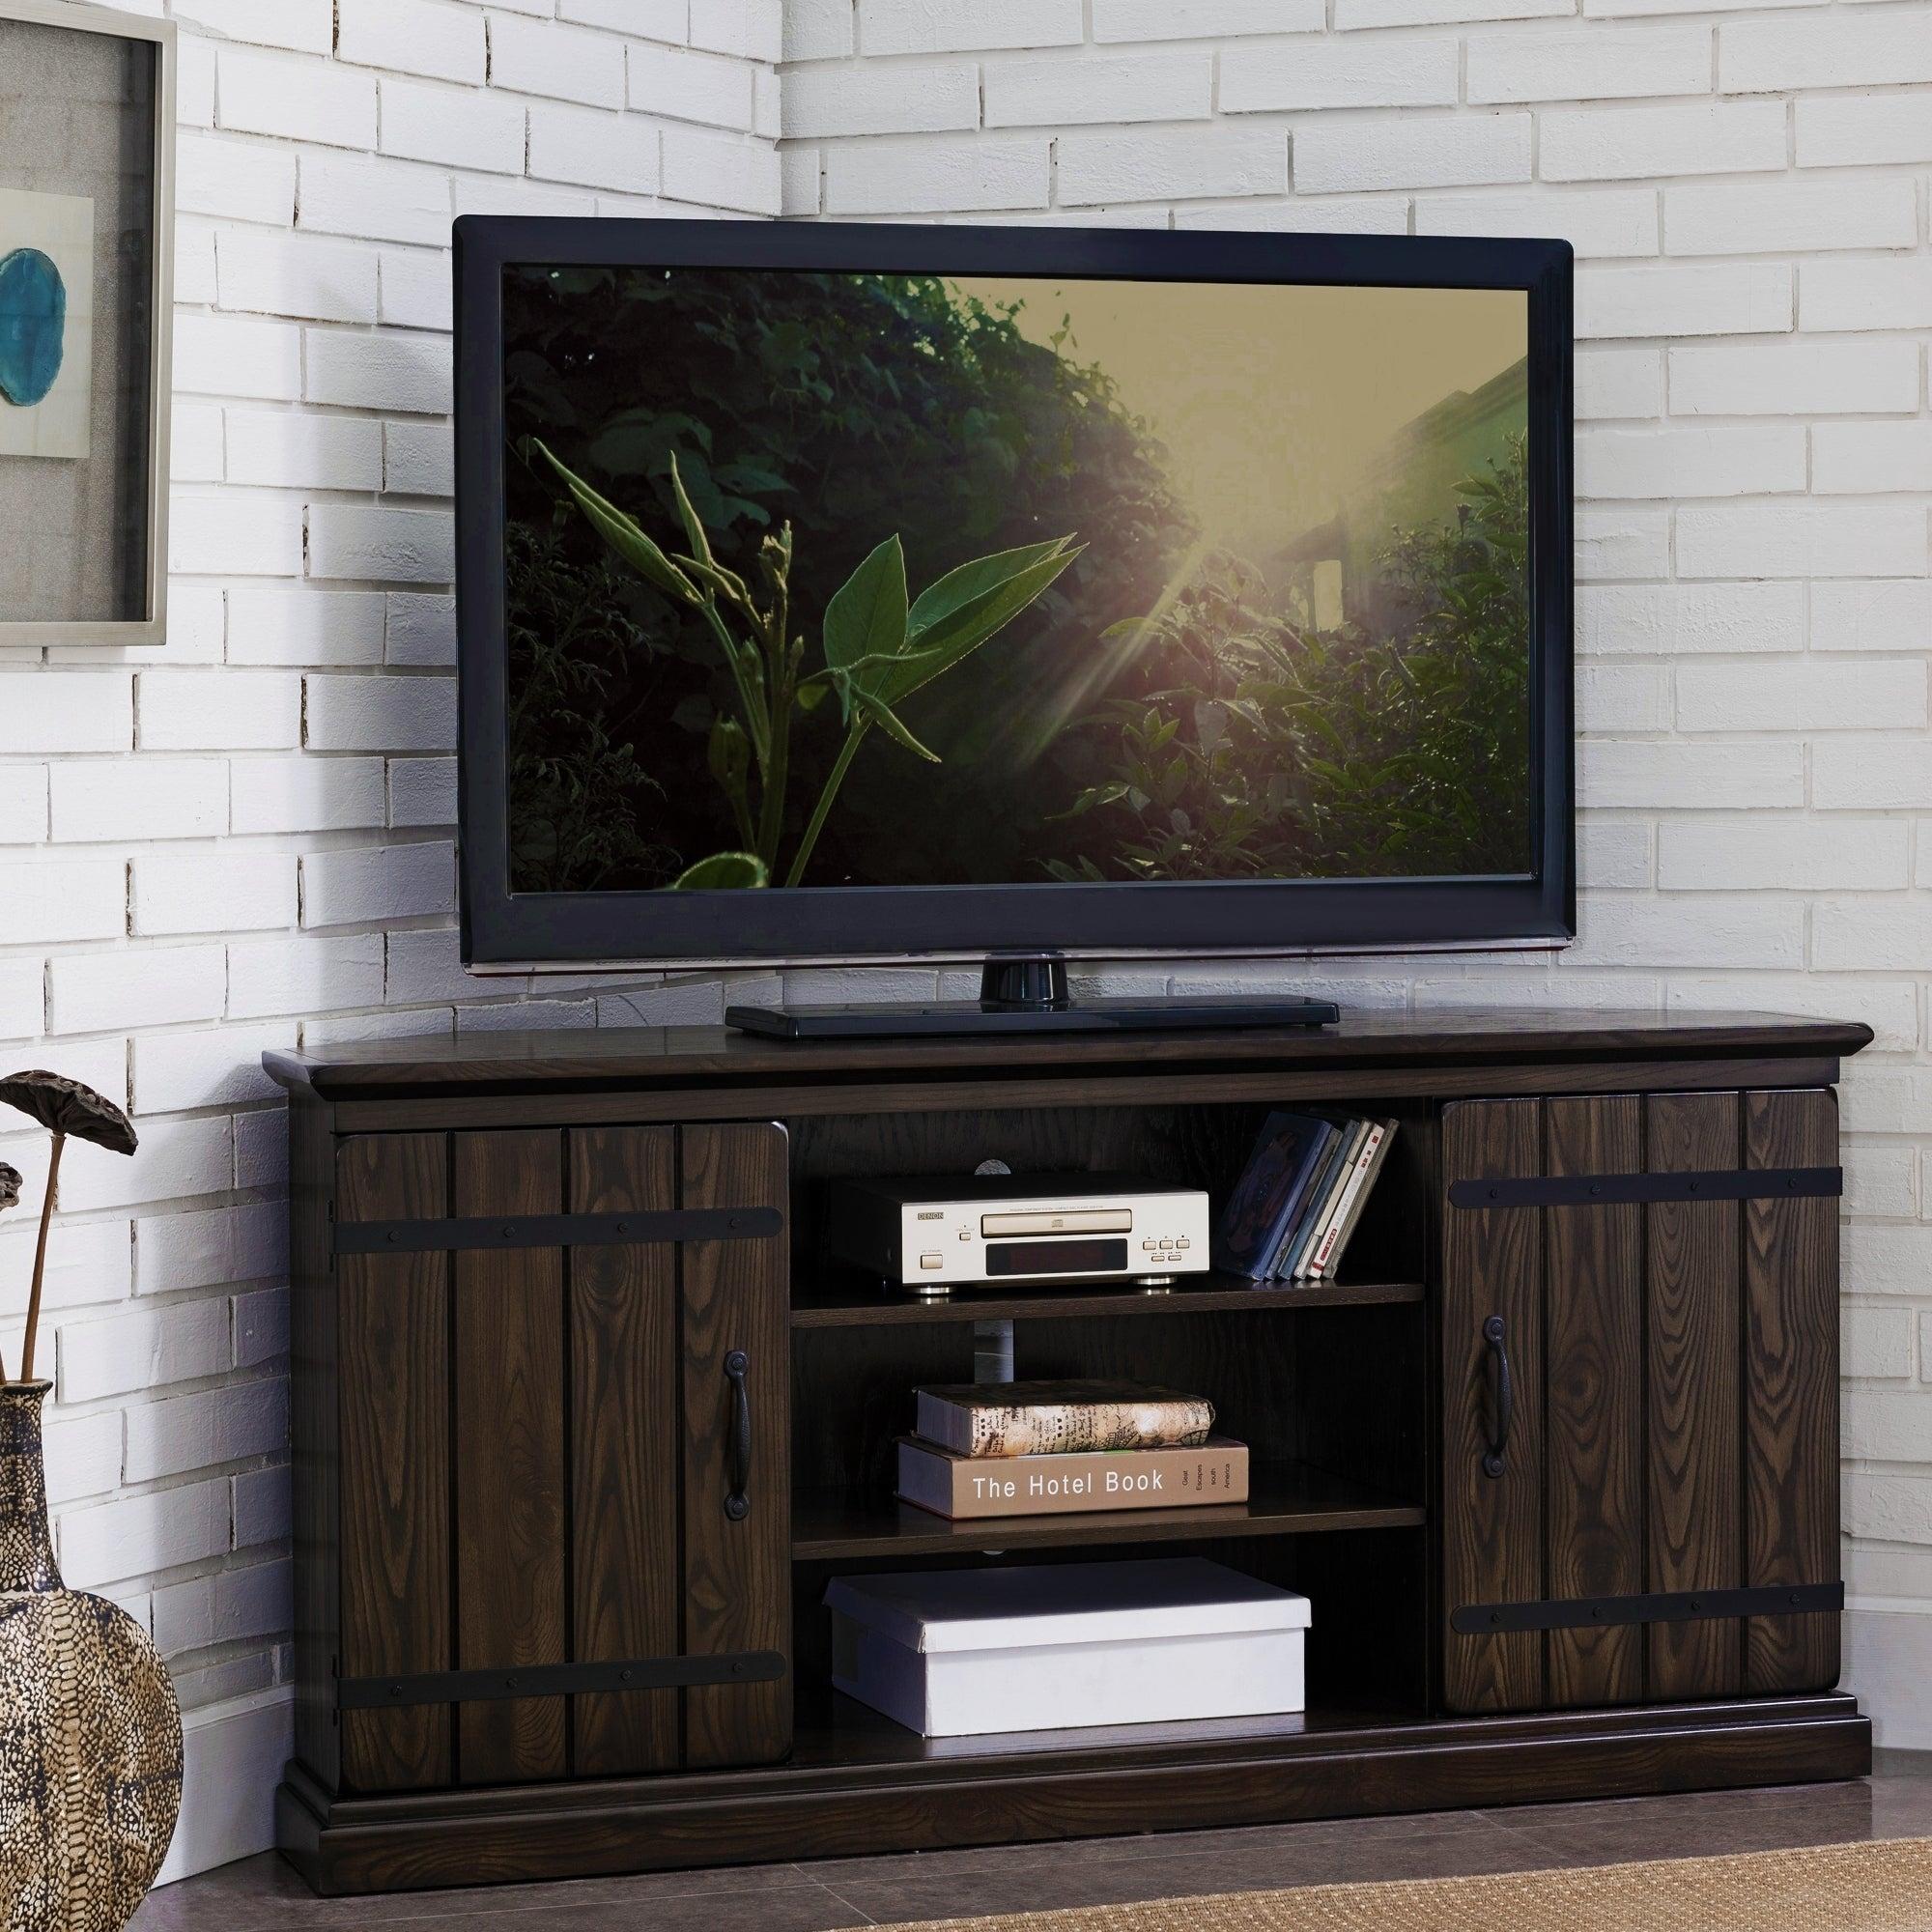 Black TV Console Singapore SingaporeTVConsole SingaporeHomeFurniture